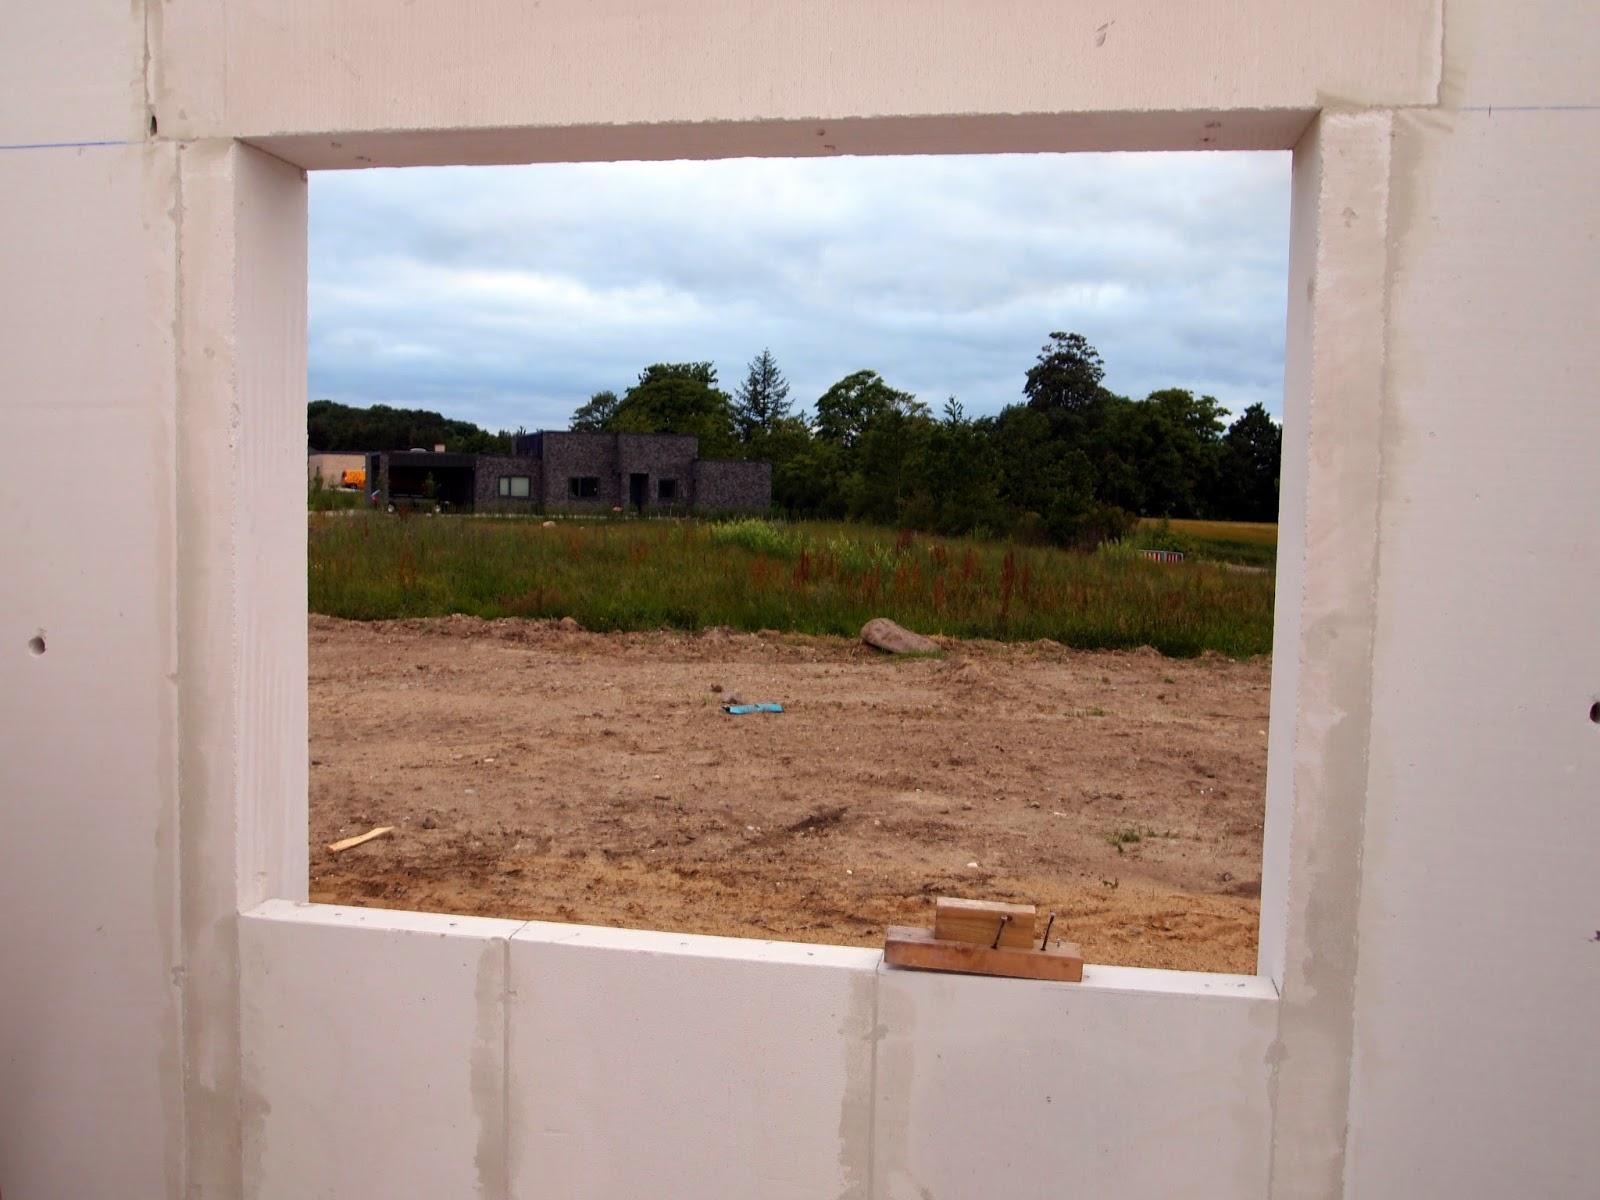 Byg nyt typehus: Flere vægge opsat (uge 4)